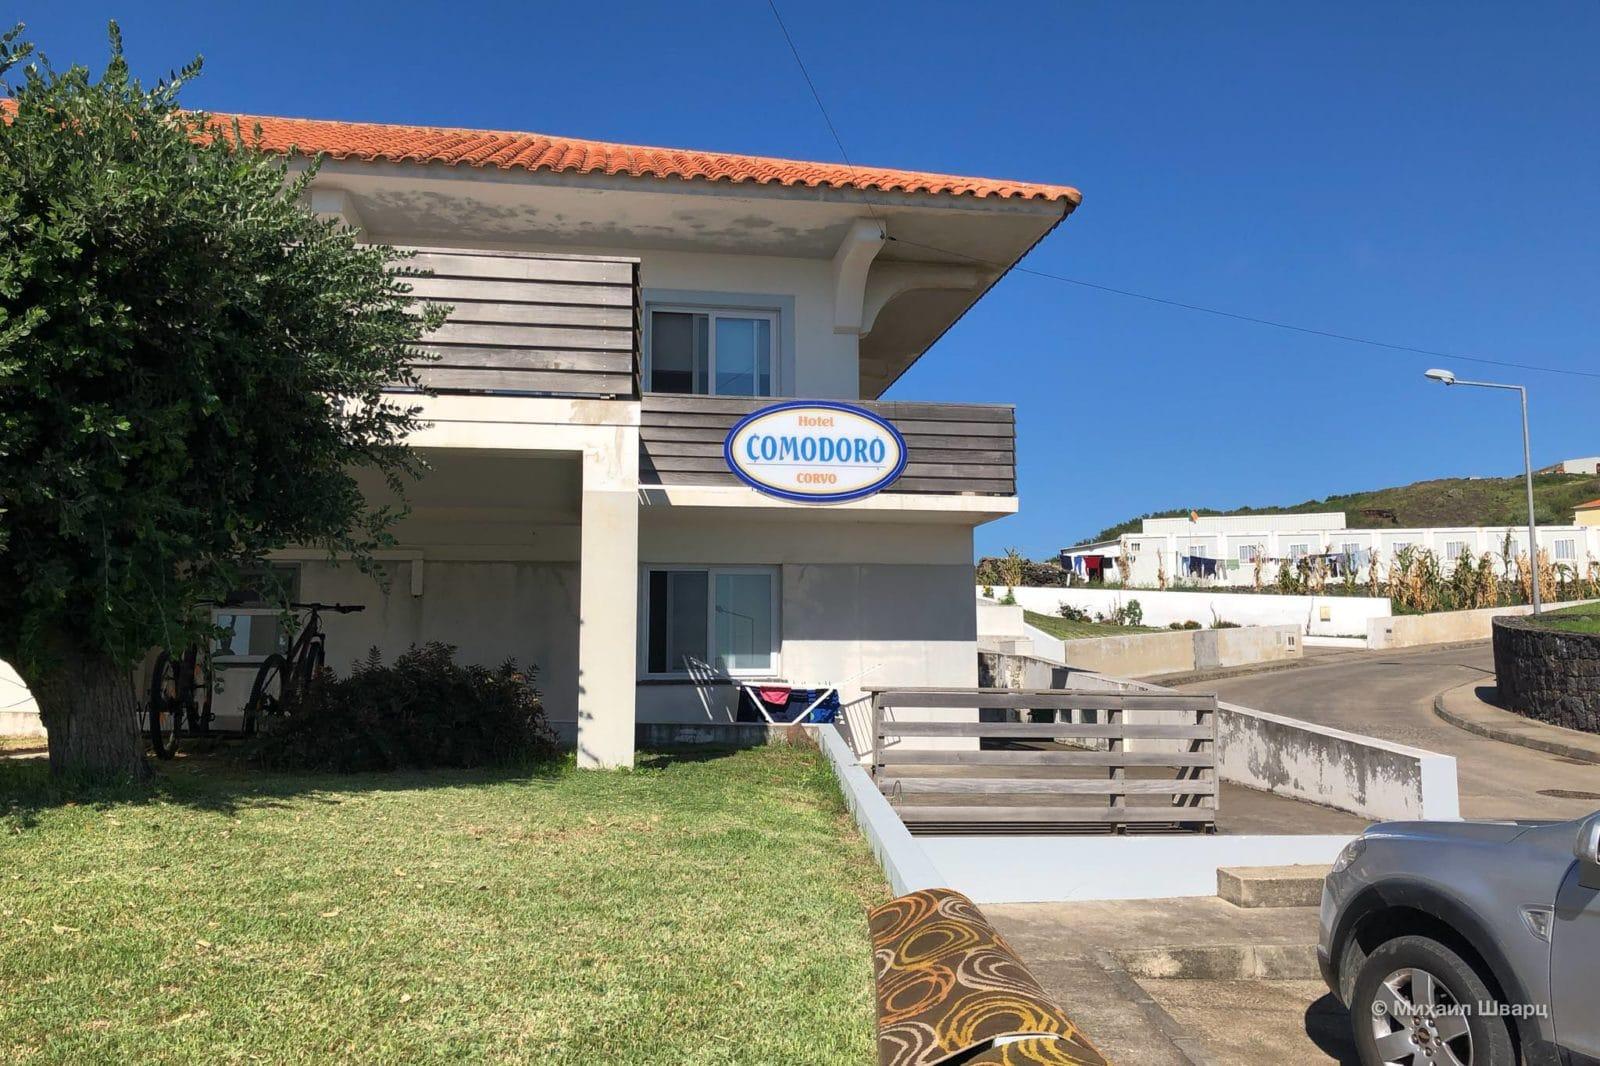 Отель Comodoro на Corvo